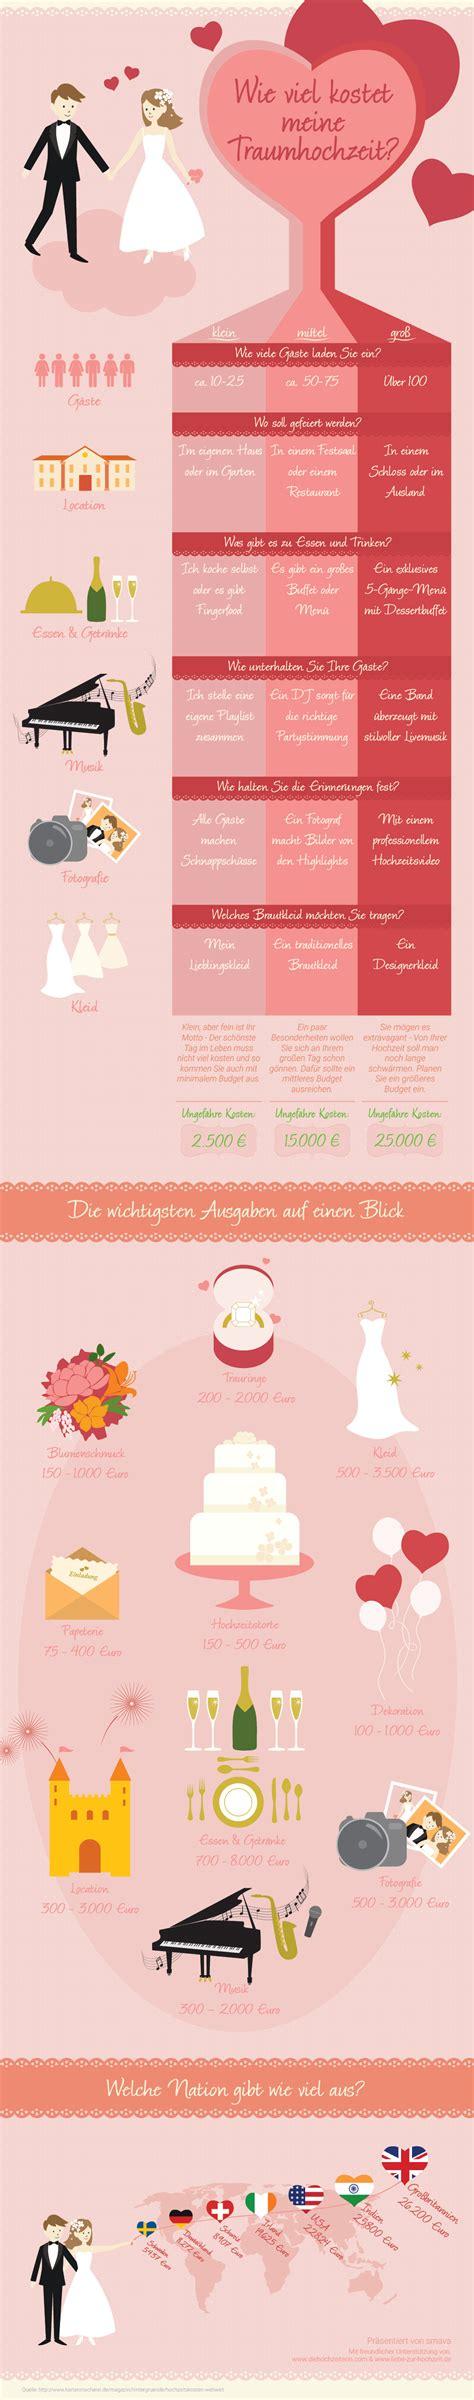 wieviel sollte ein verlobungsring kosten wieviel kostet eine hochzeit prüfen sie ihre eigene feier